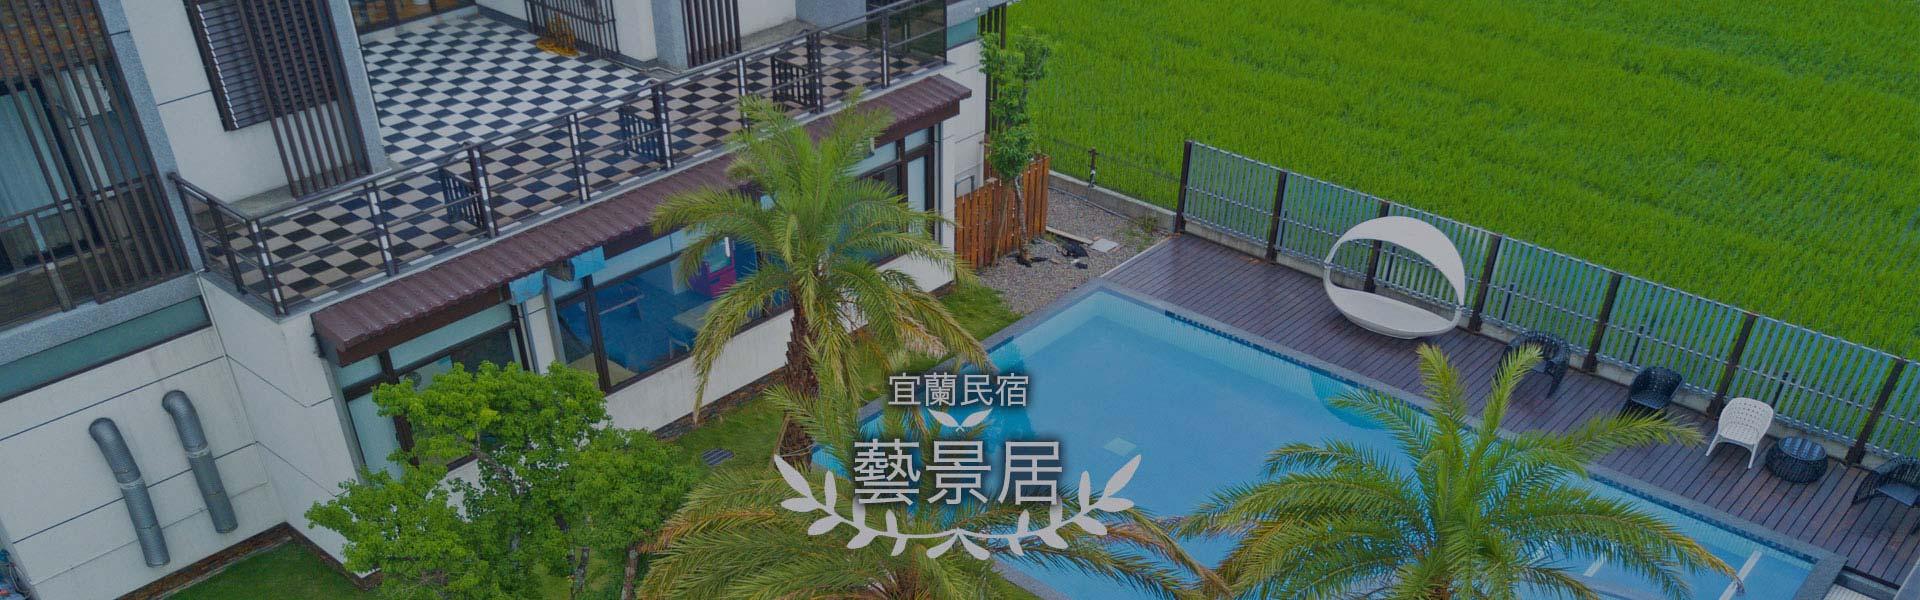 【宜蘭民宿。Royal House藝景居】兒童專屬的度假休閒居所